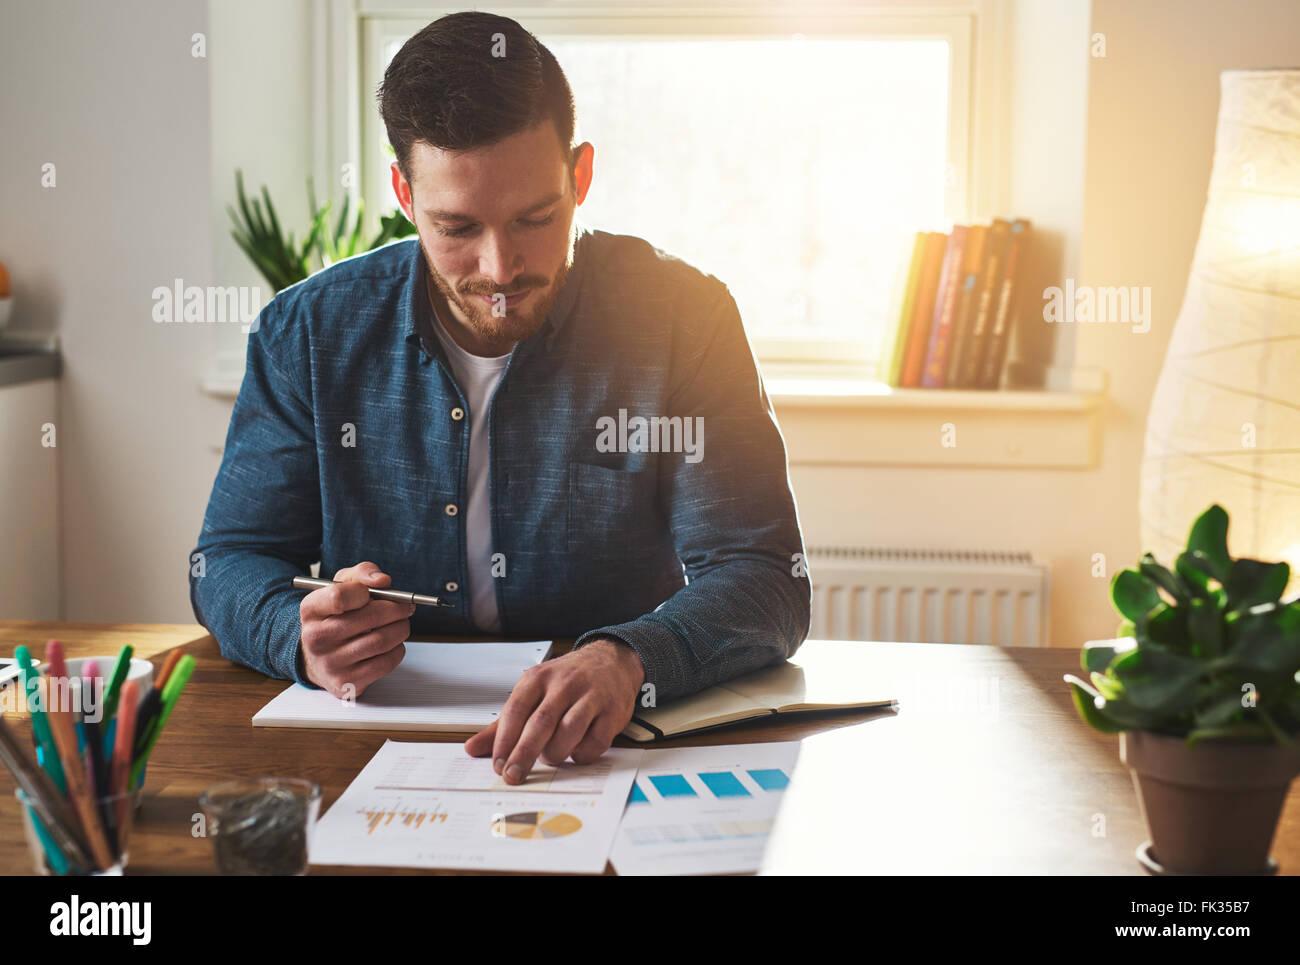 Unternehmer Arbeiten an Business Diagramme und Grafiken wie er Studien, die Leistung seines Small Business und Pläne Stockbild